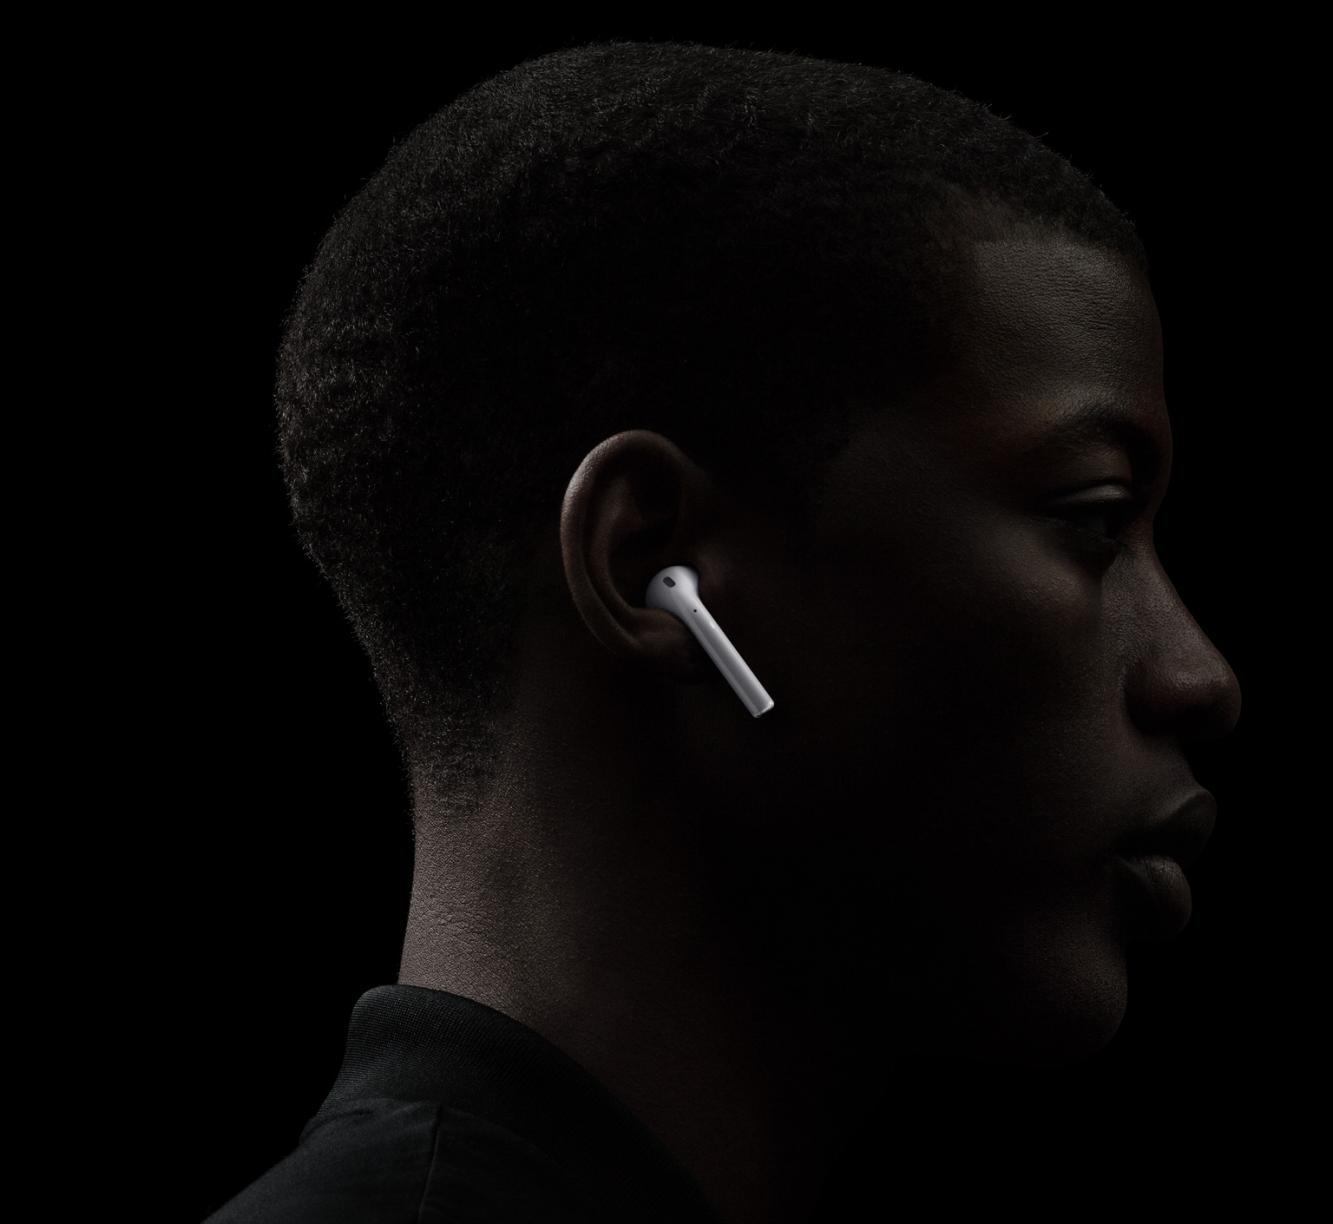 Bezdrôtové slúchadlá Apple AirPods